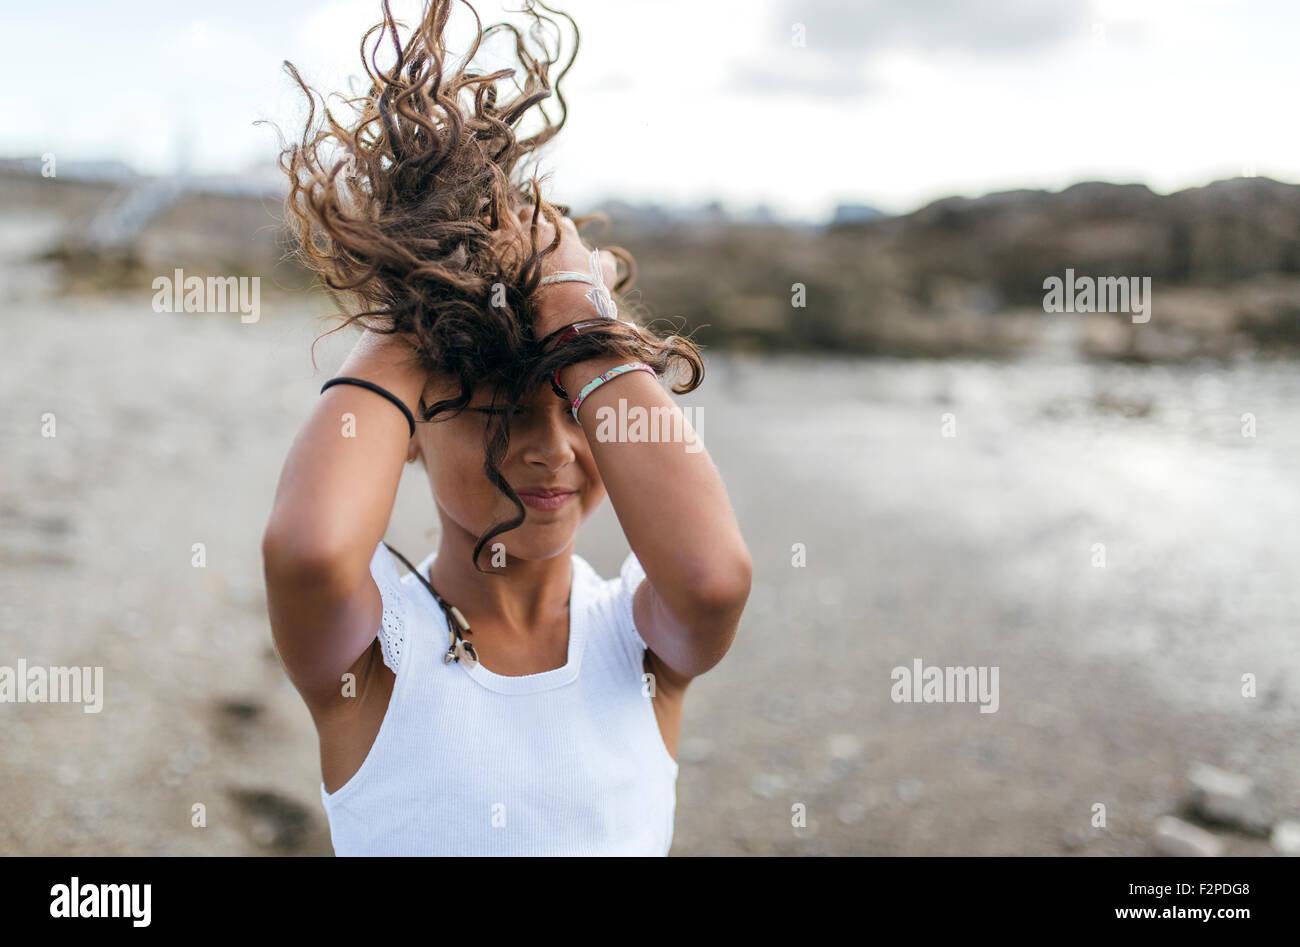 L'Espagne, Gijon, petite fille sur la plage tenant son souffle d'un sèche Photo Stock